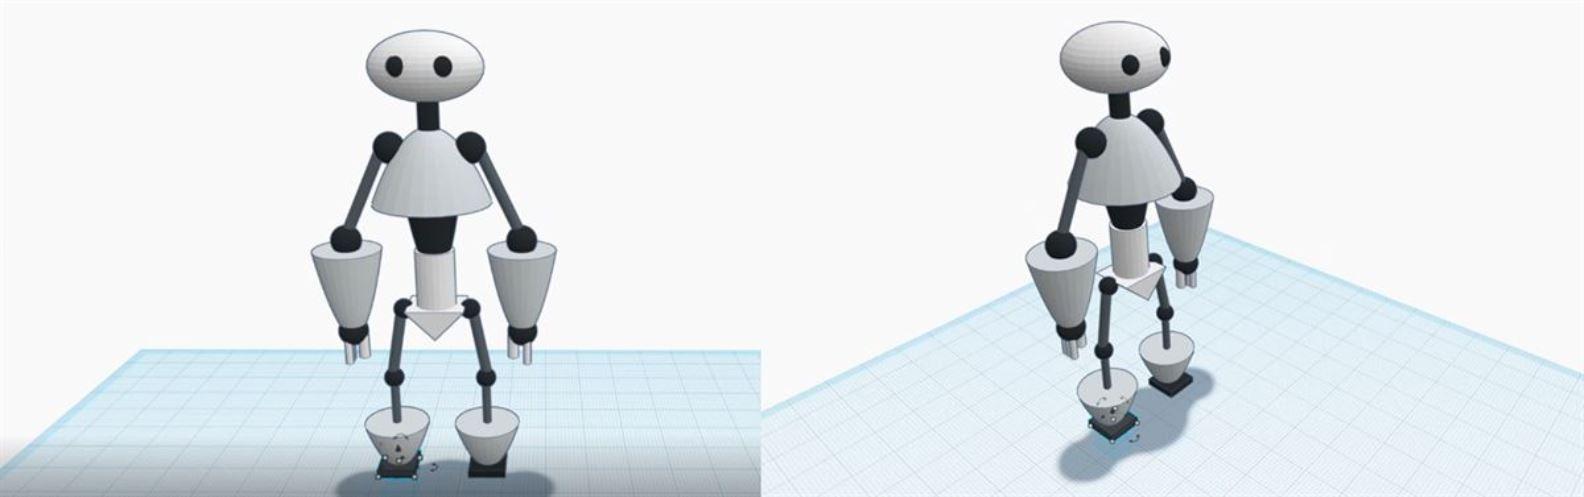 Actividad para niños de Arte 2D/3D: ¡Diseña tu Robot!